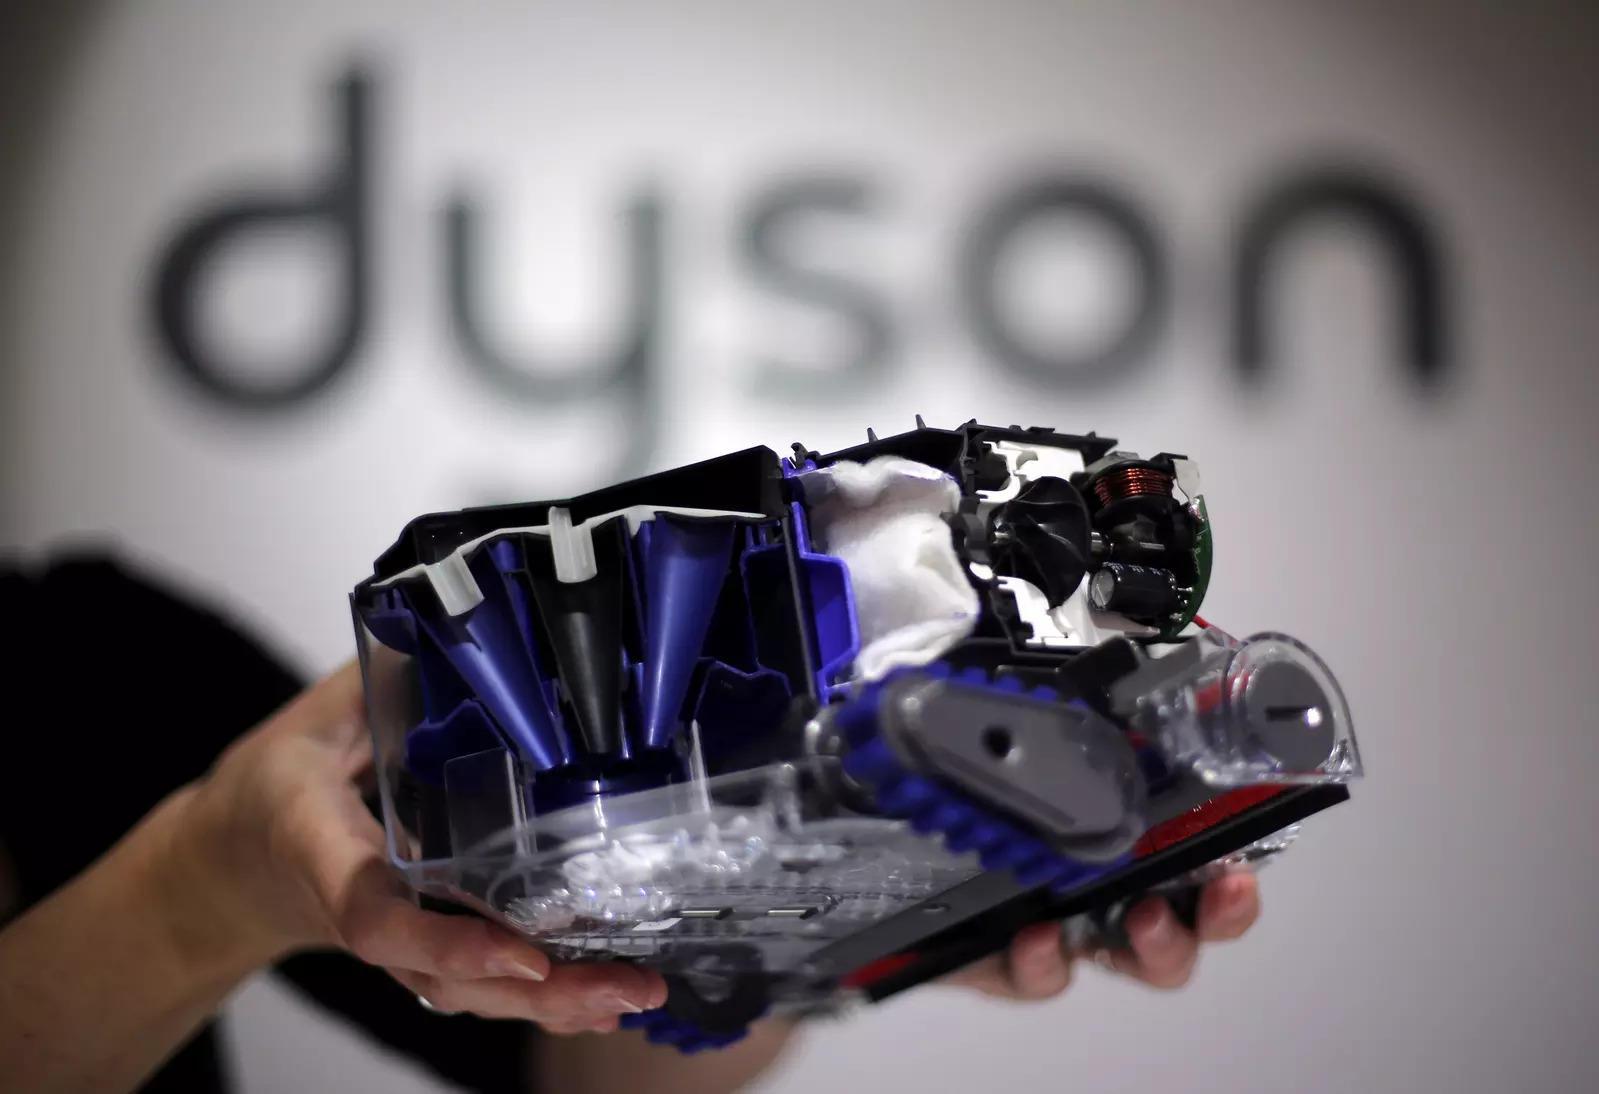 Dyson: Dyson đầu tư 3,7 tỷ đô la vào công nghệ mới – Tin mới nhất